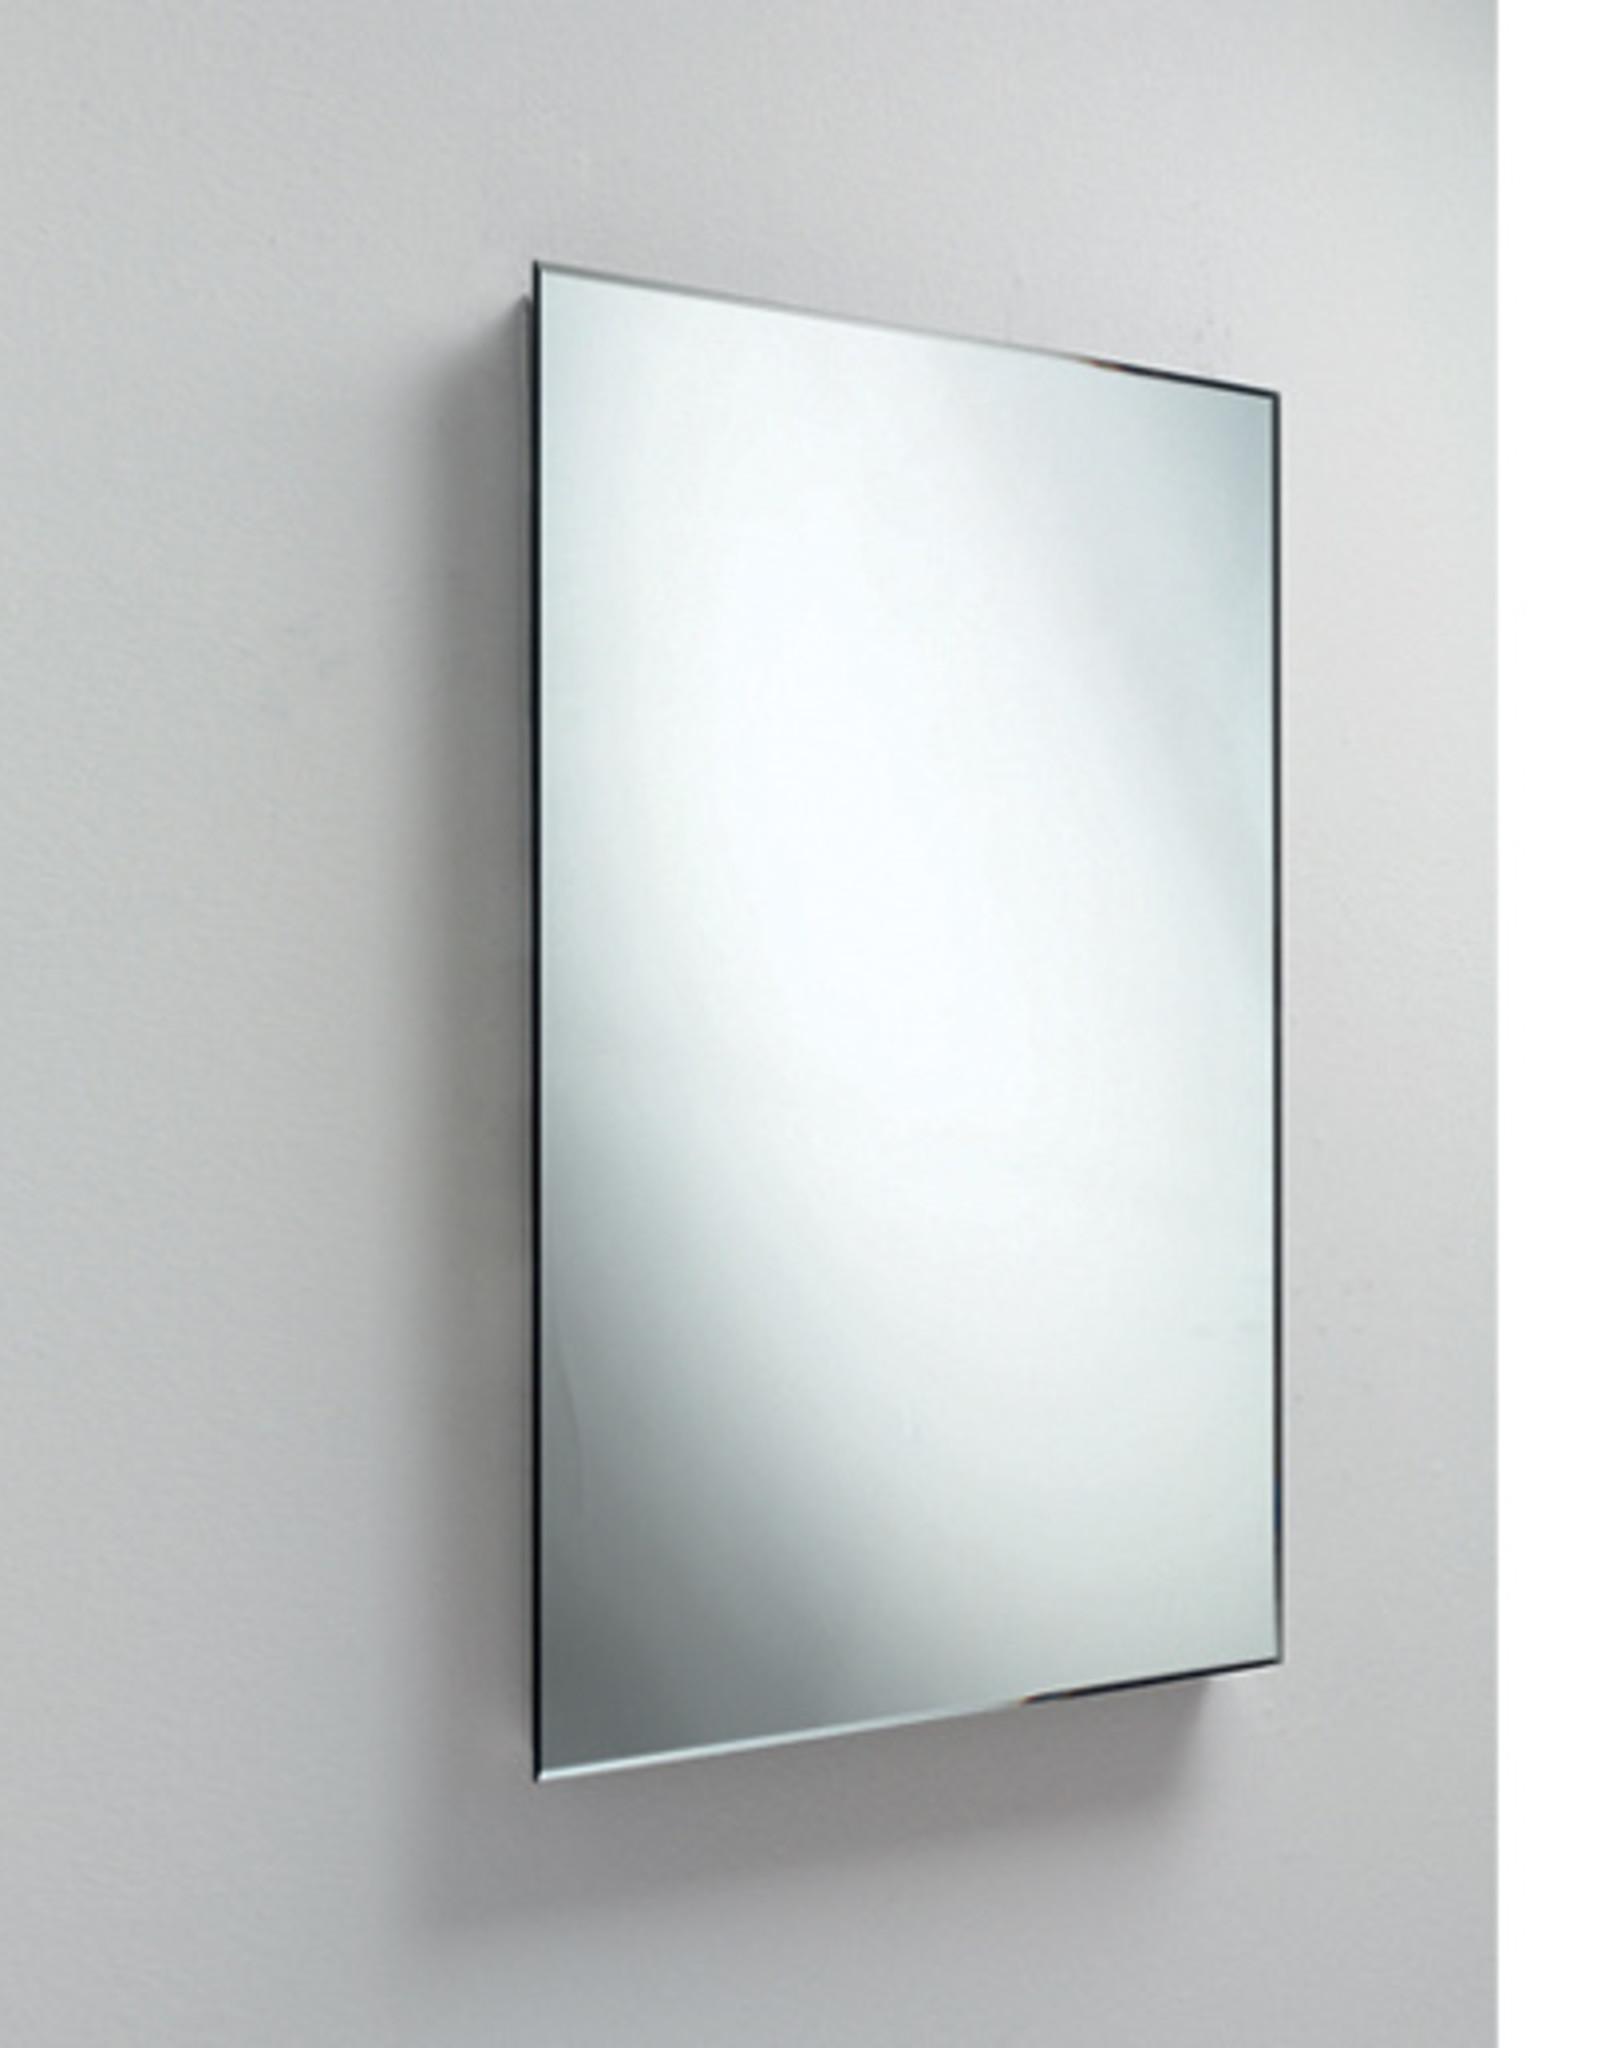 Speci spiegel met facet 60cm - uitverkoop